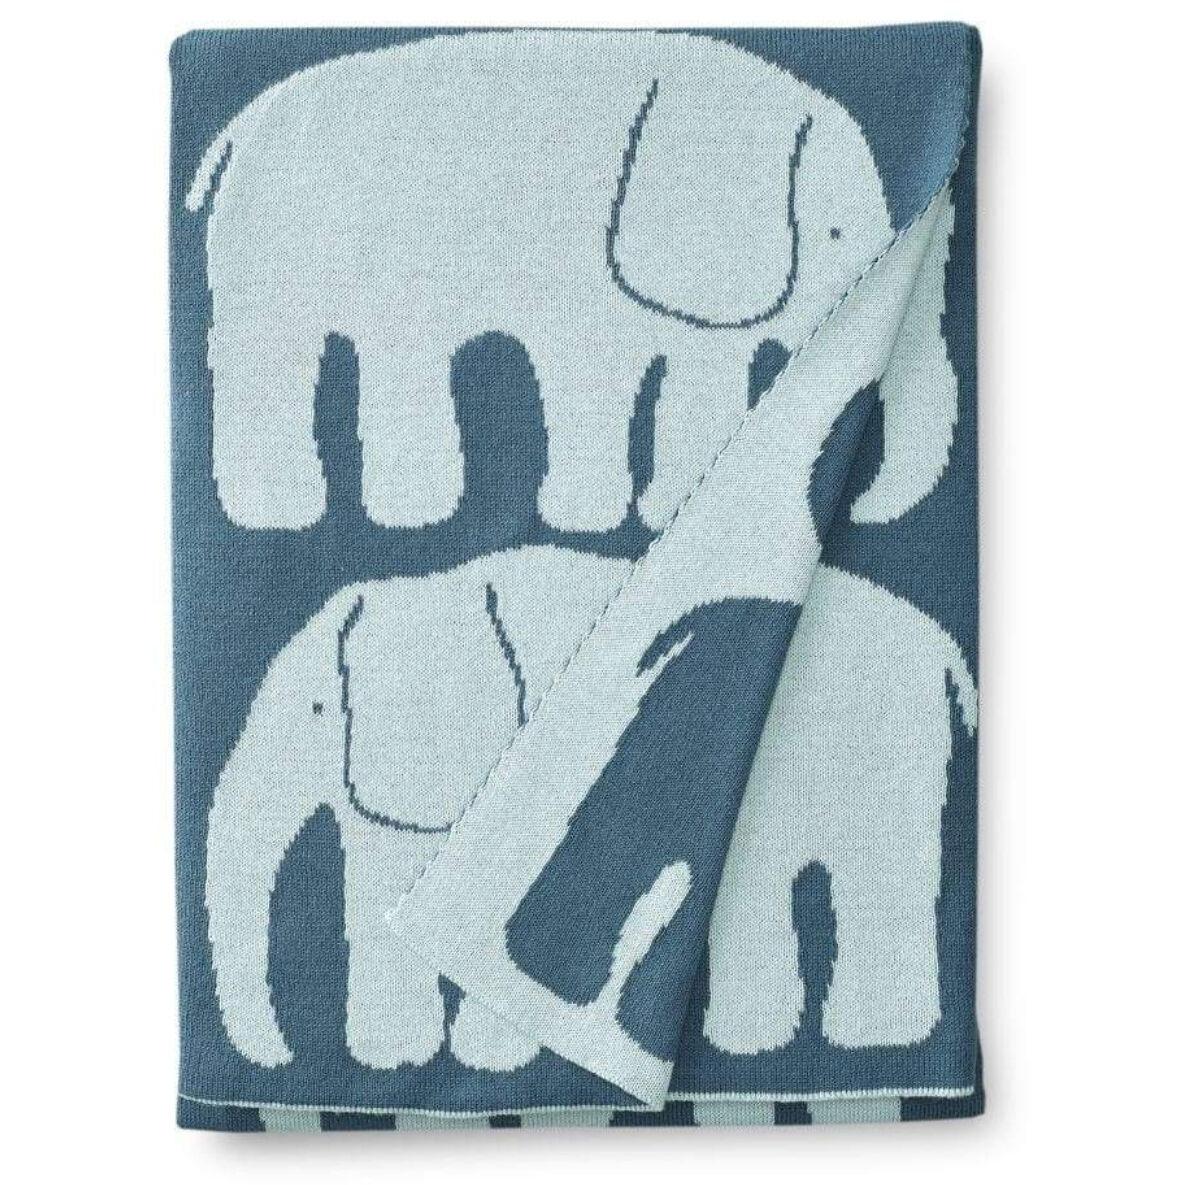 Finlayson Elefantti Baby Blanket 80x100 cm, Dark Red/Light Blue